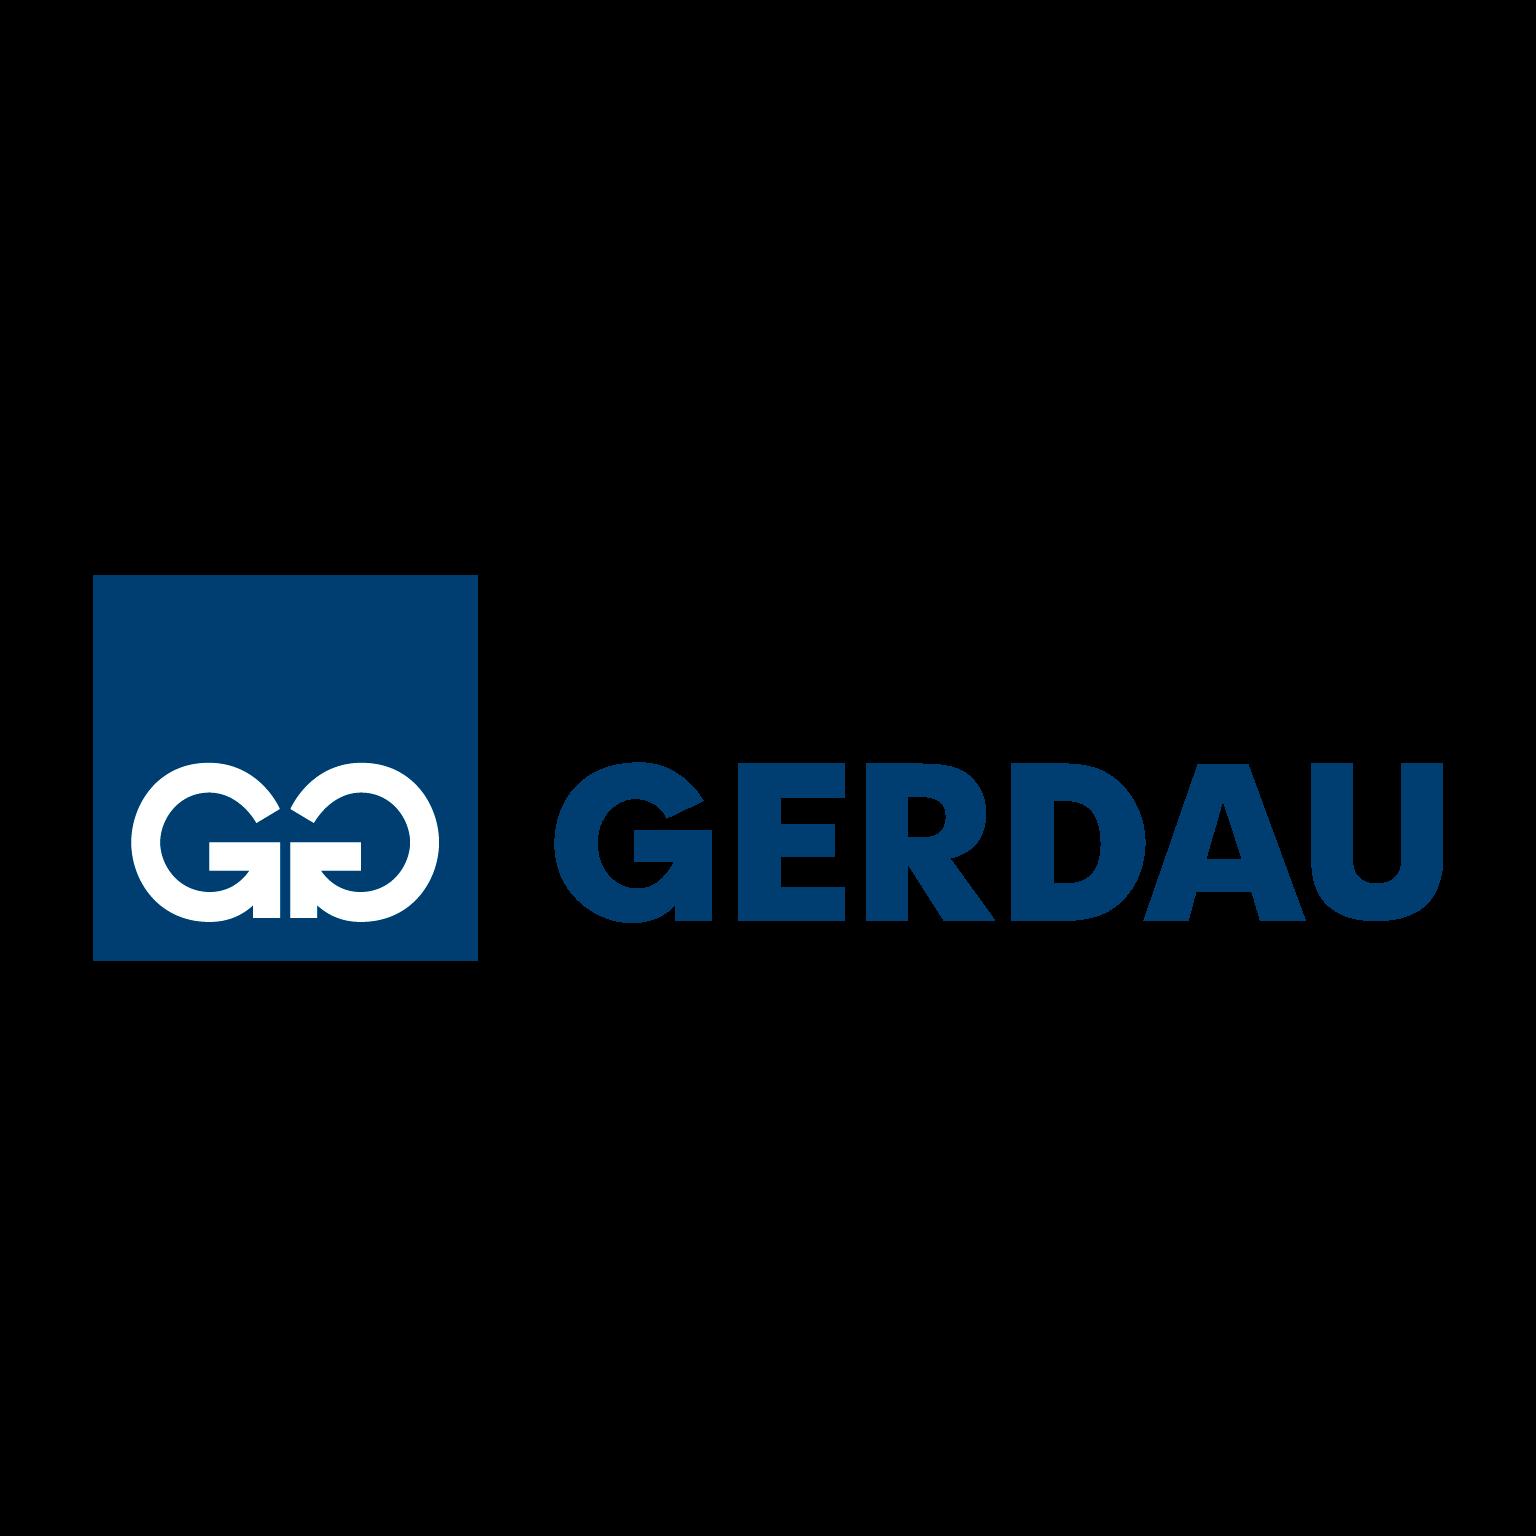 Logo gerdau 1536